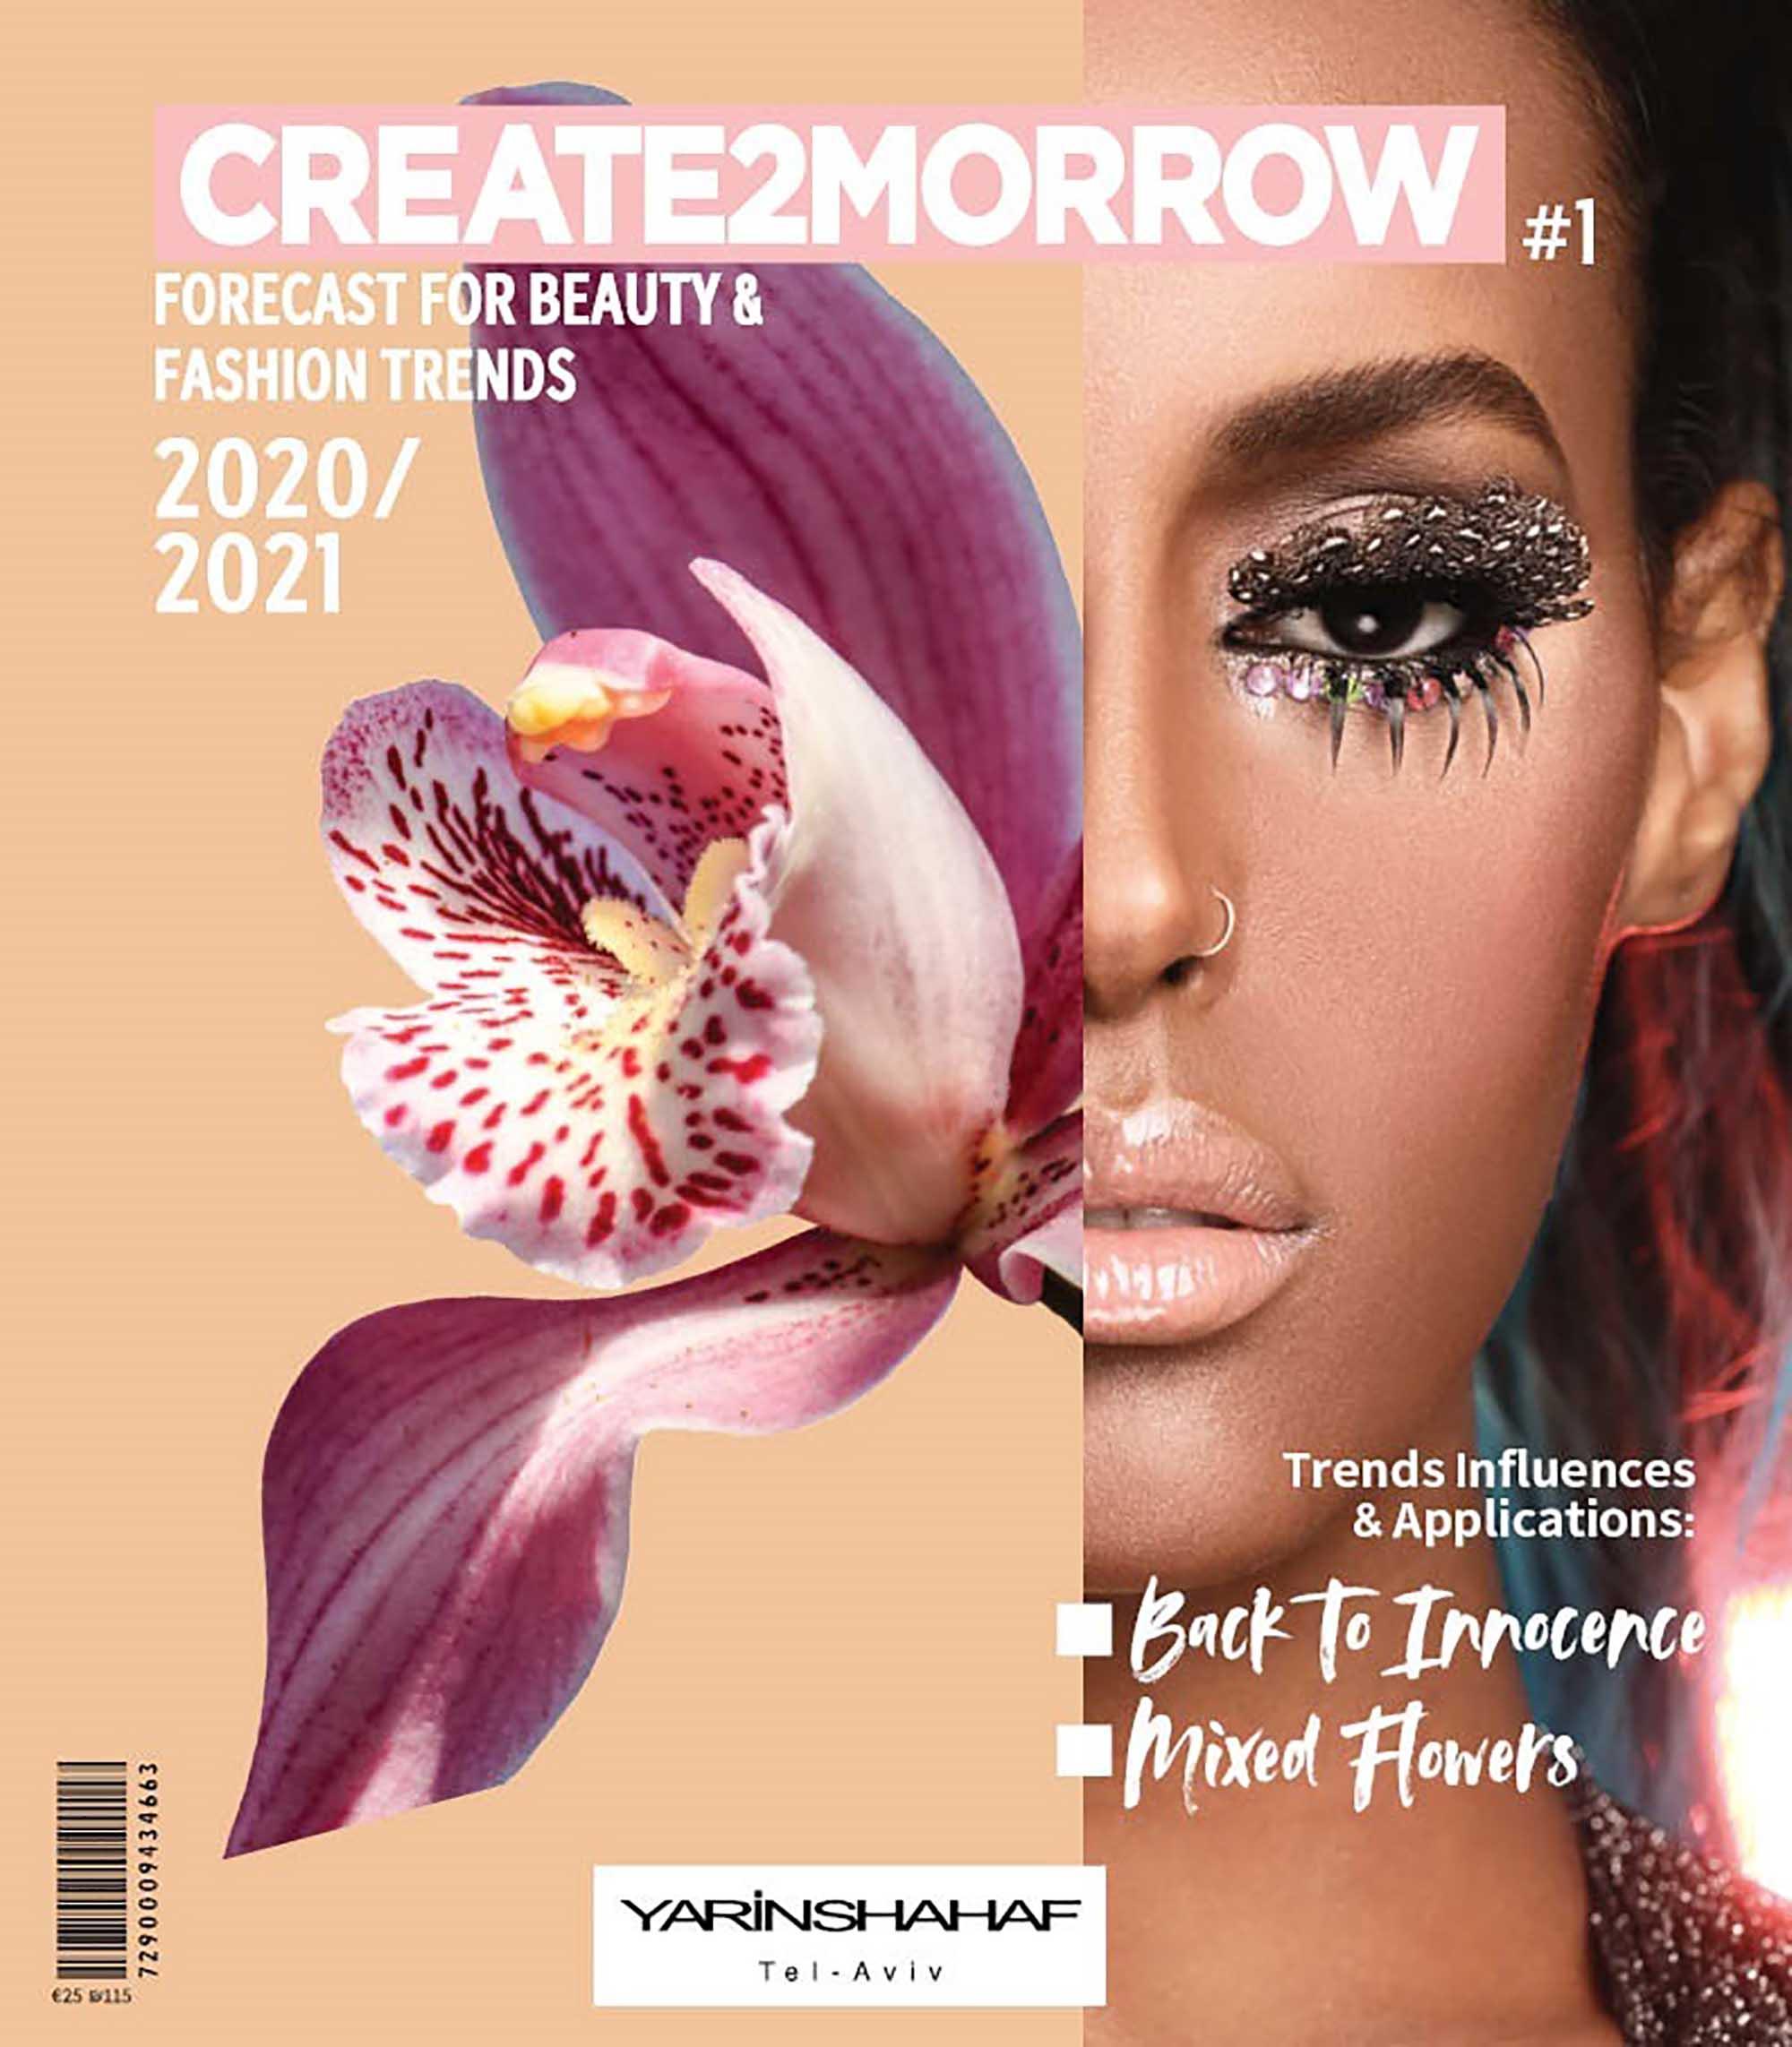 מגזין אופנה, אופנה, איפור, הטרנד הפרחוני ,עמוד השער של מגזין תחזיות היפי